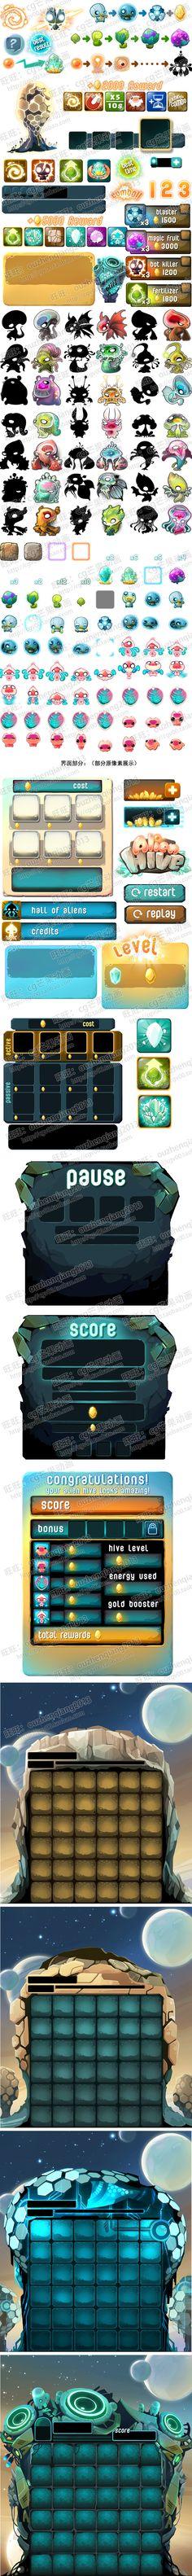 【游戏美术资源】消除类游戏UI《拯救外星人洞穴》素材/界面/图标